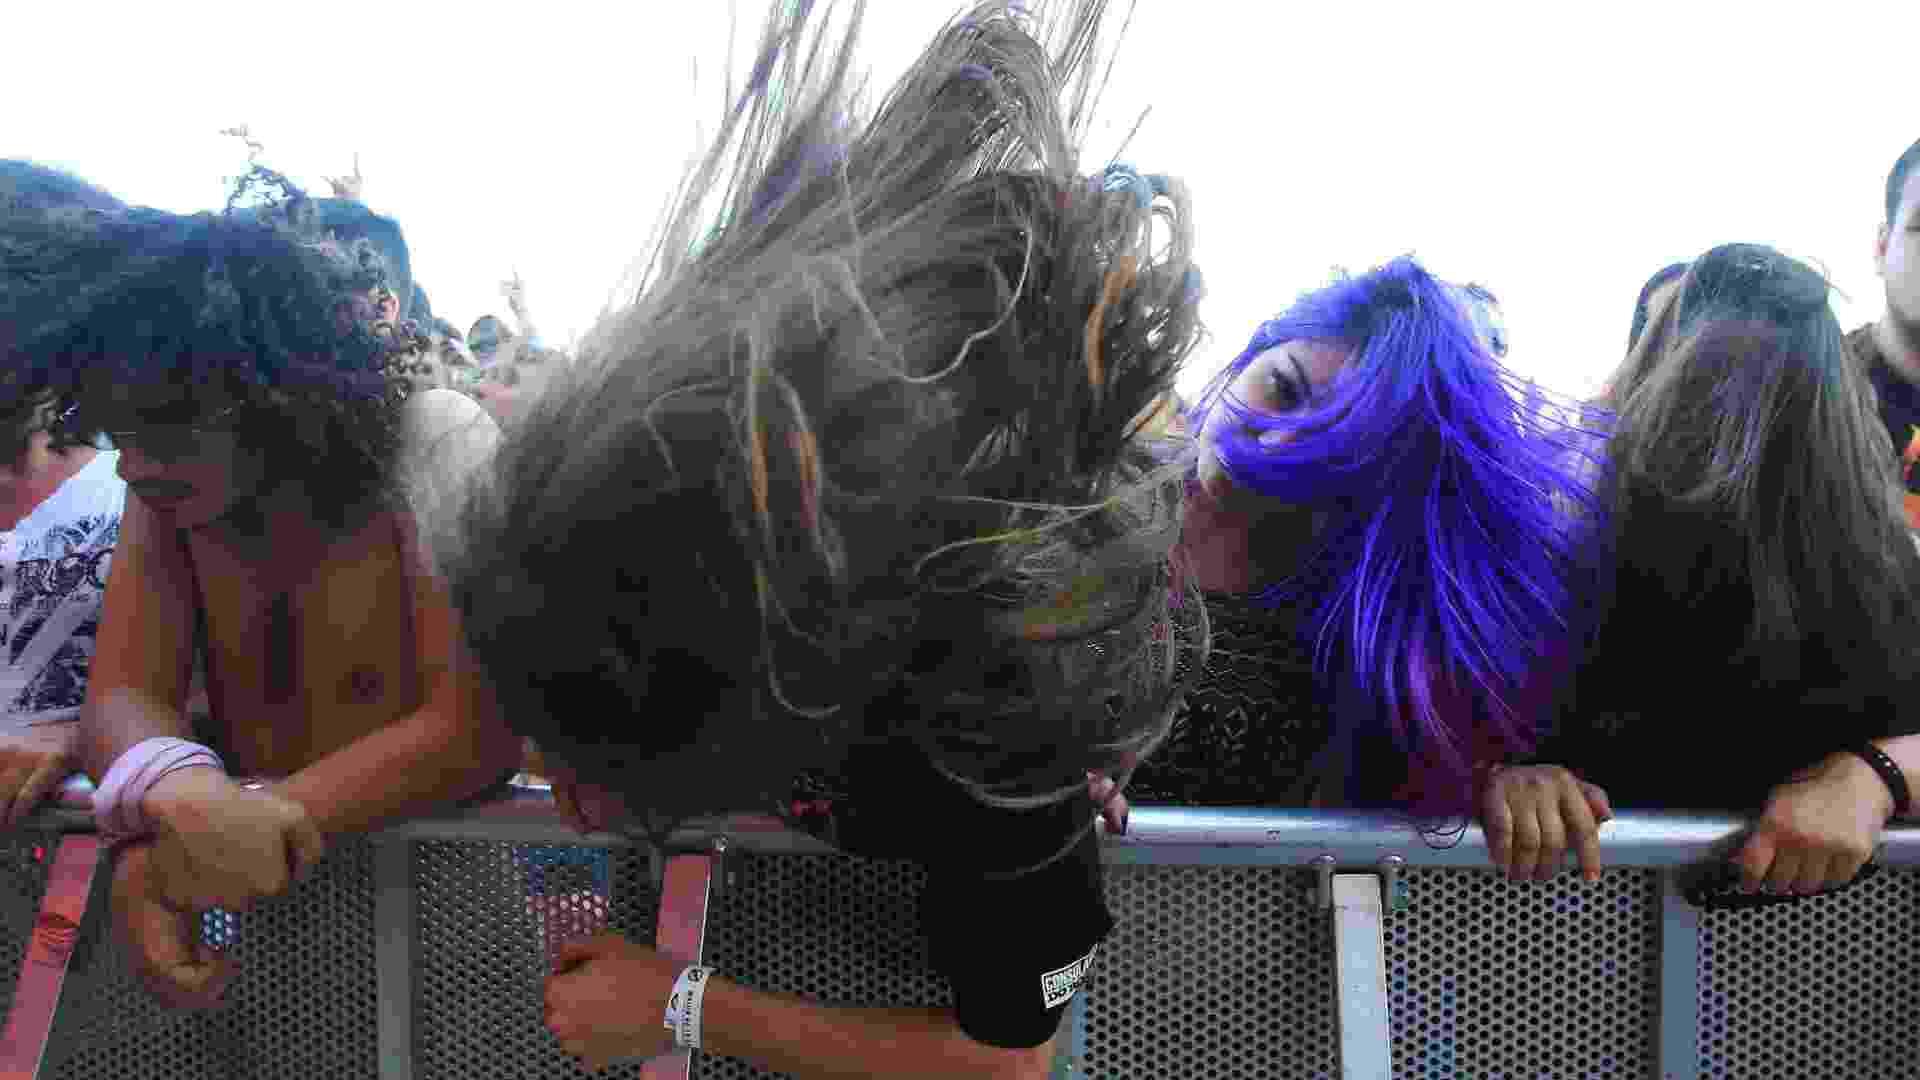 """""""Banguear"""" é a forma aportugesada do verbo """"to bang"""", que, no vocabulário dos fãs de heavy metal, significa bater cabeça. Pois foi exatamente isso que dezenas de milhares de fãs fizeram neste 2º dia de Rock in Rio, dedicado a alguns dos nomes mais pesados dessa vertente, como Korn, Gojira,   Headbangers batem cabeça em show no Rock in Rio, no início do """"dia do metal"""" na Cidade do Rock - Marco Antonio Teixeira/UOL"""